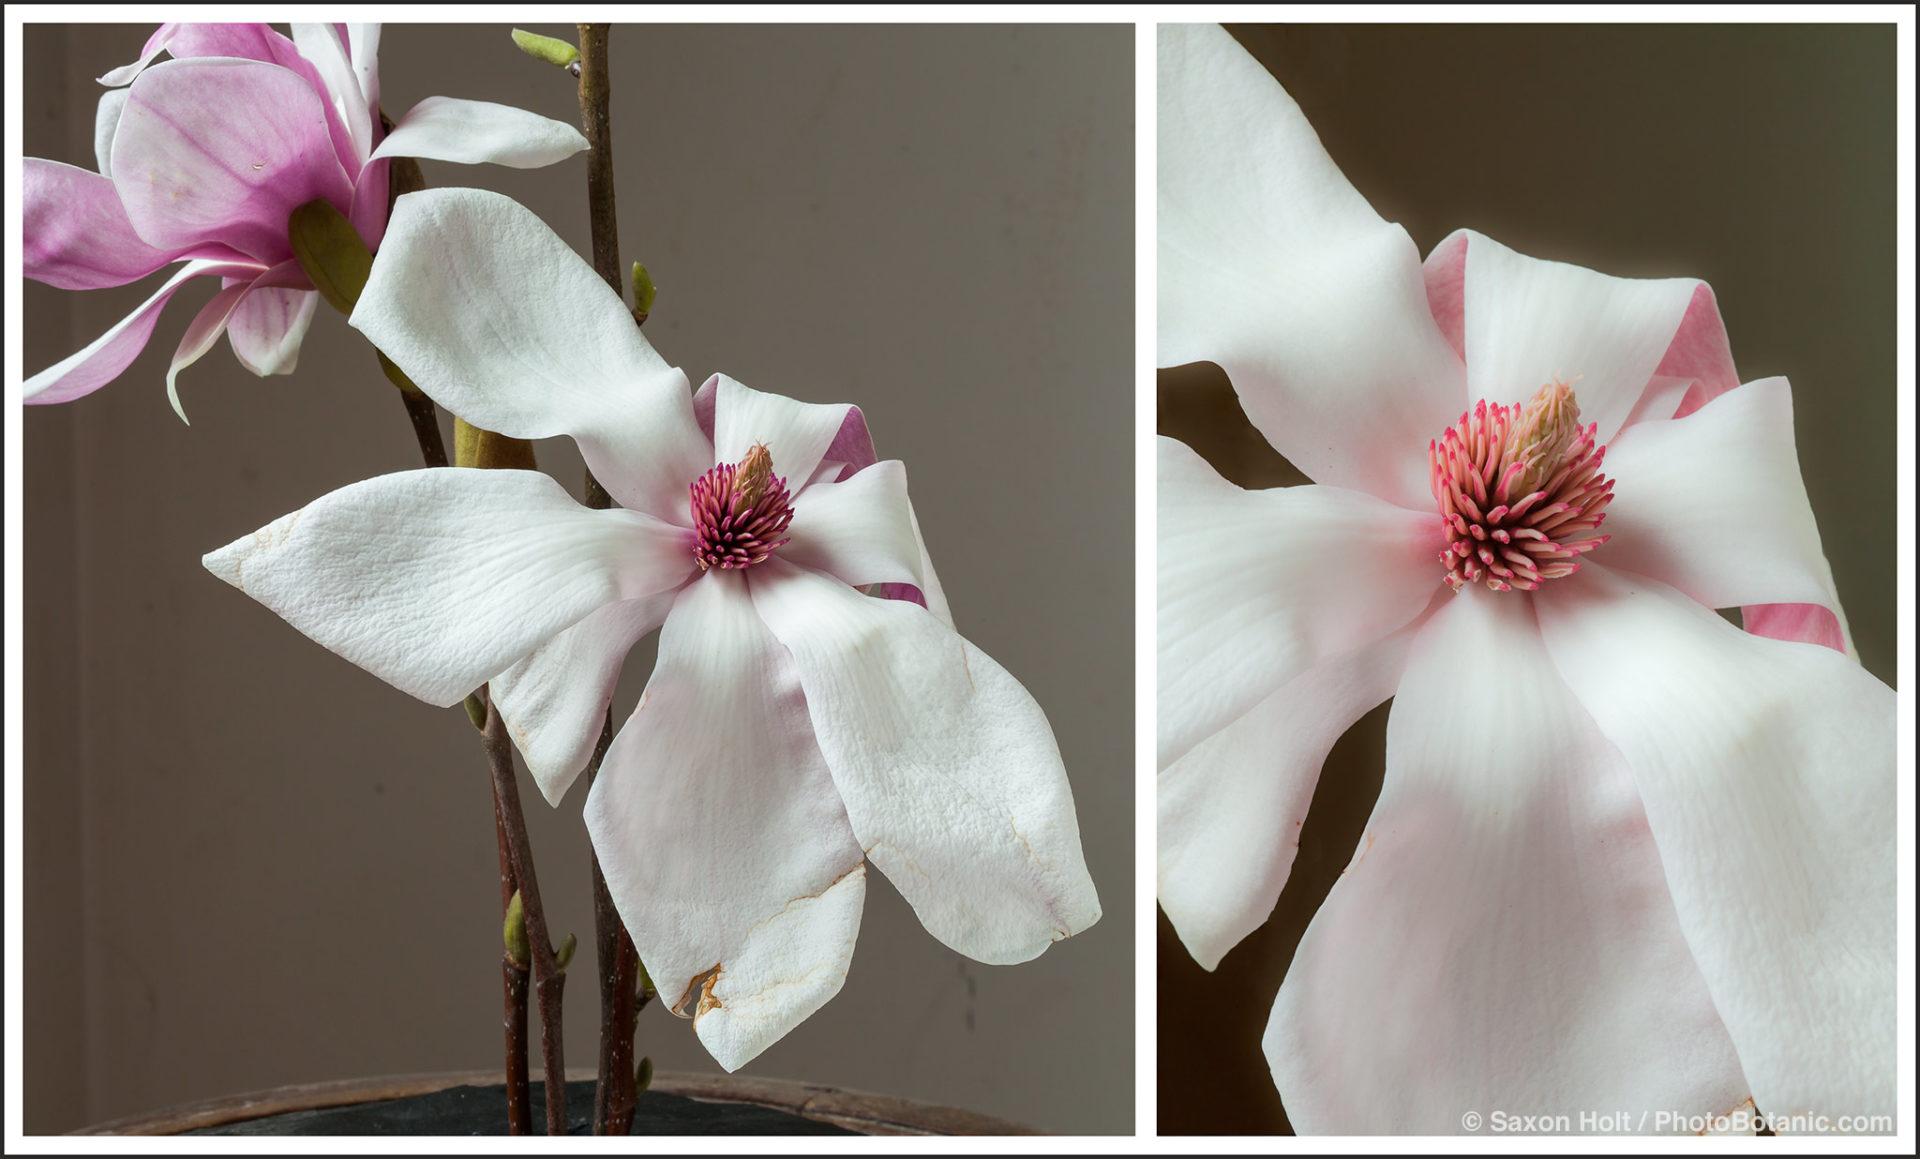 Magnolia soulageana flower isolation with photoshop